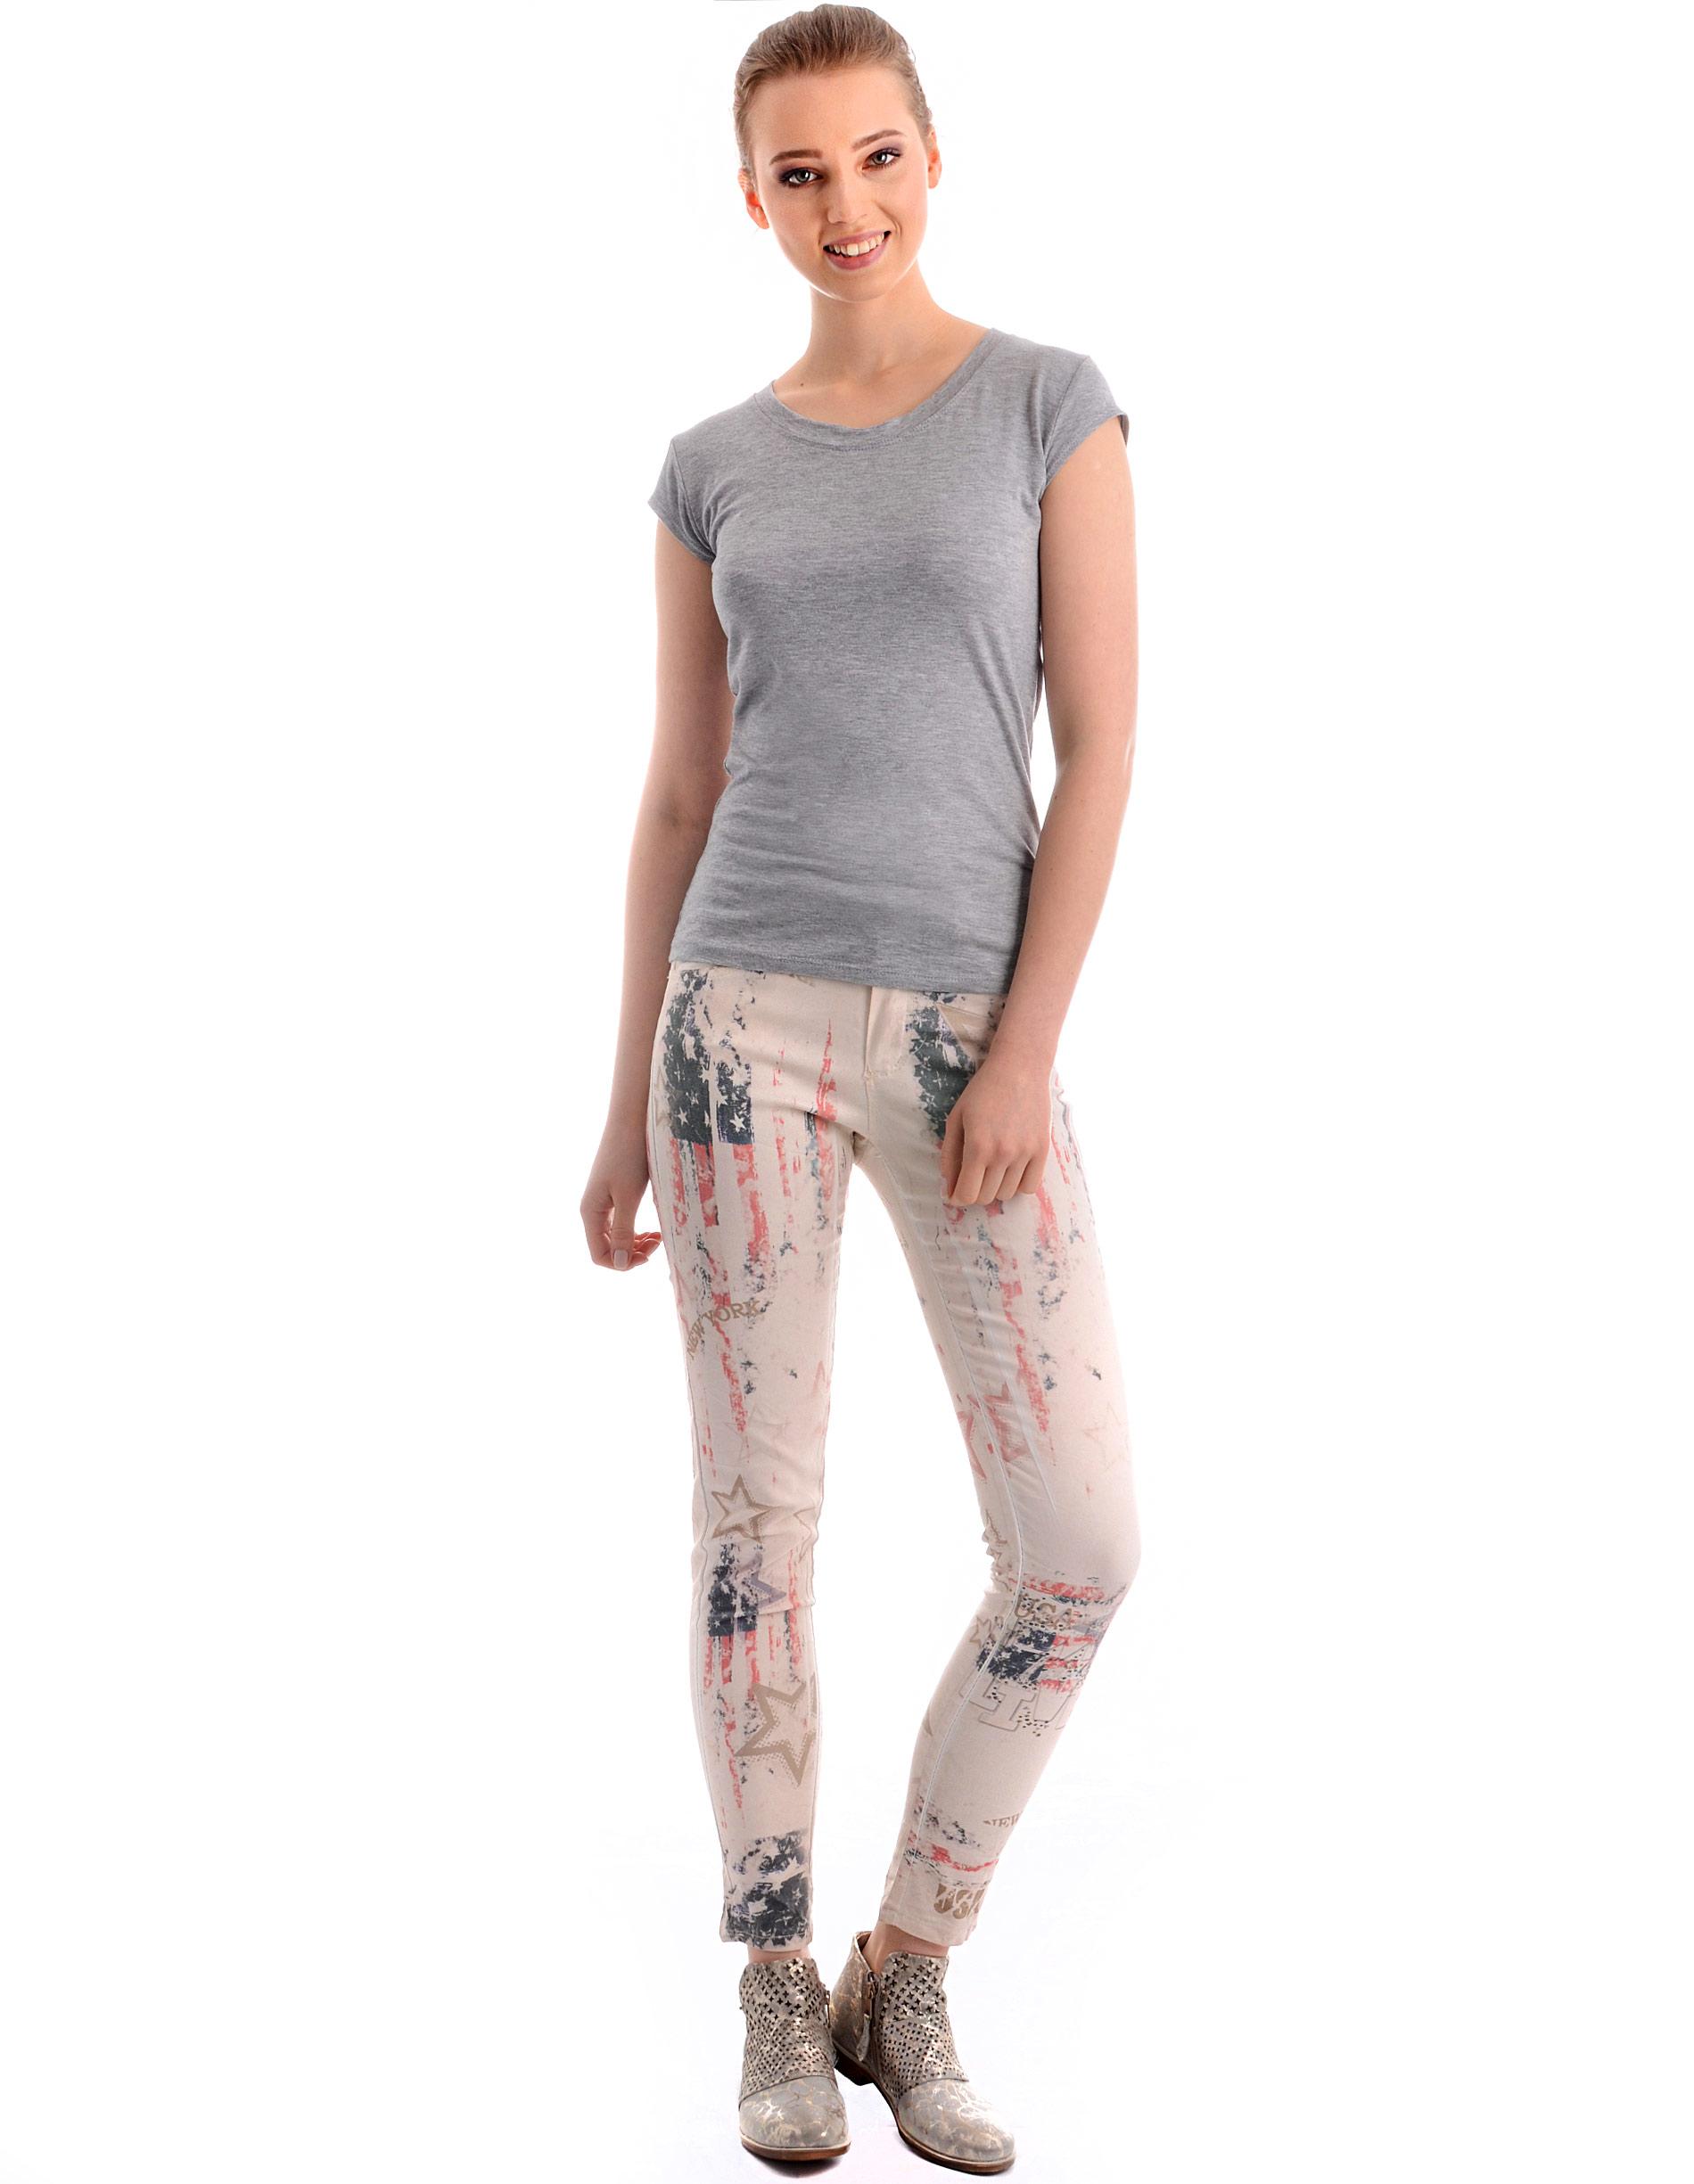 Spodnie - 77-6337 BEIGE - Unisono